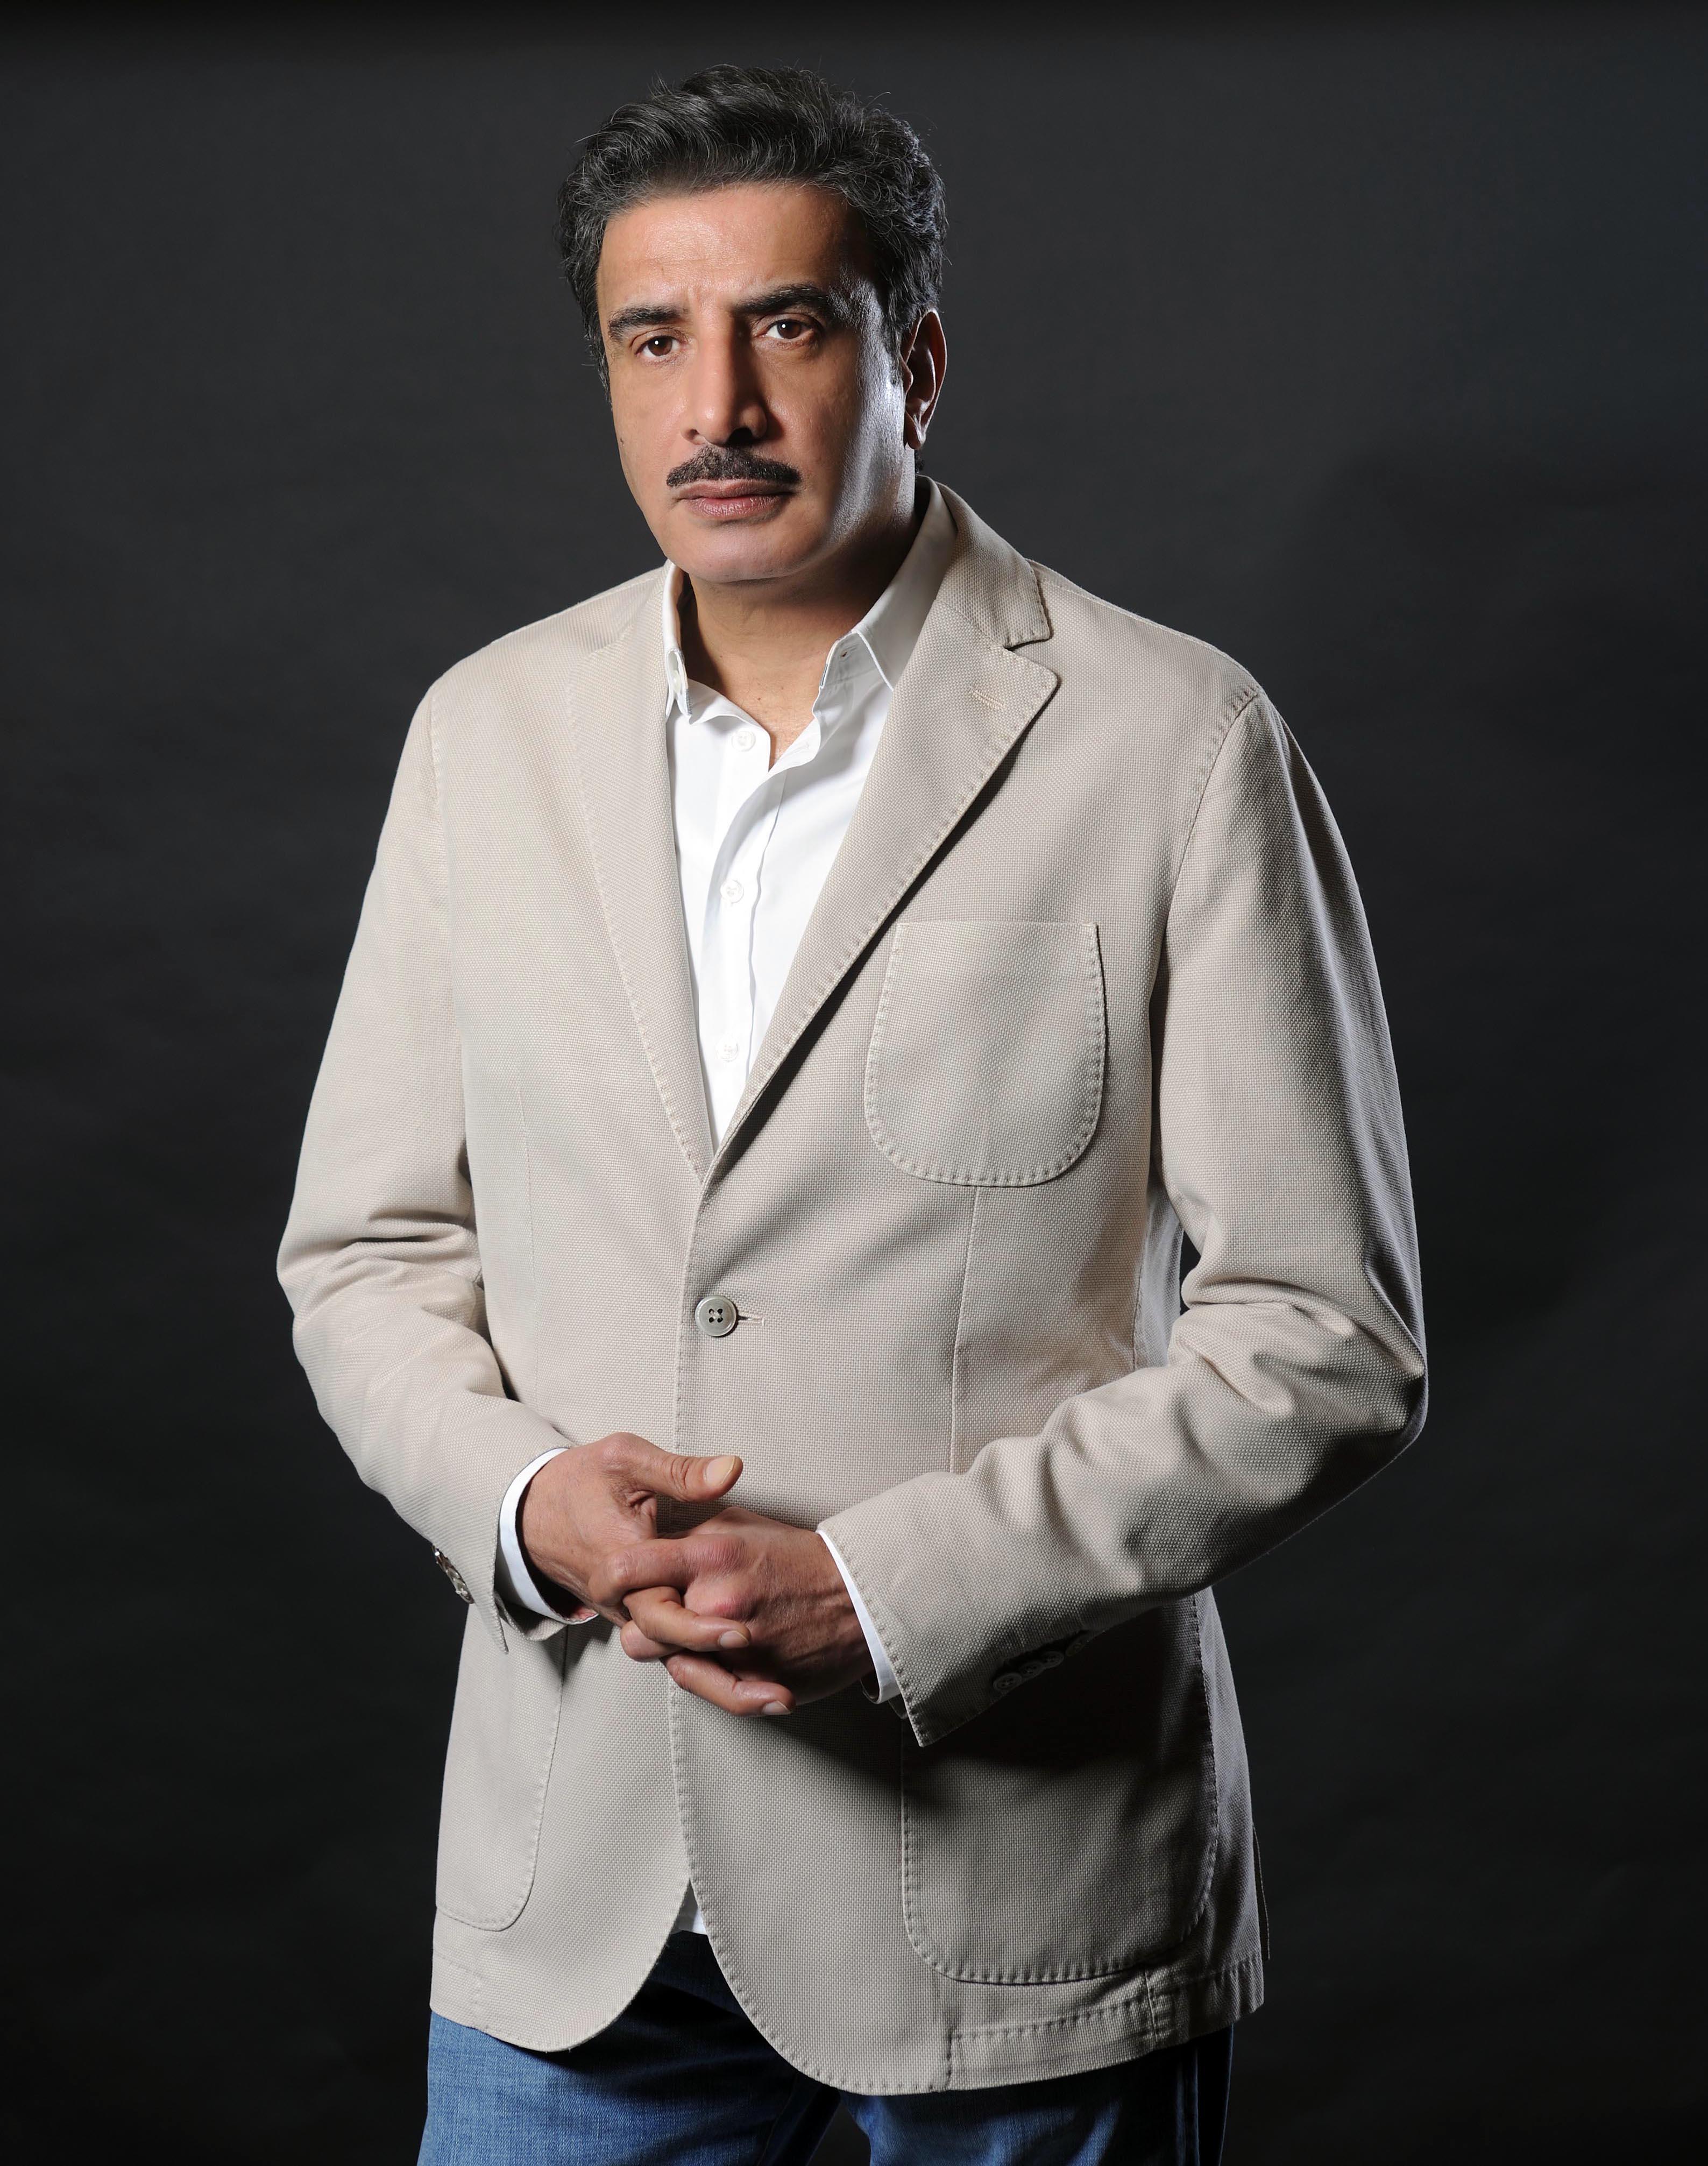 عيال المنصور الكويت